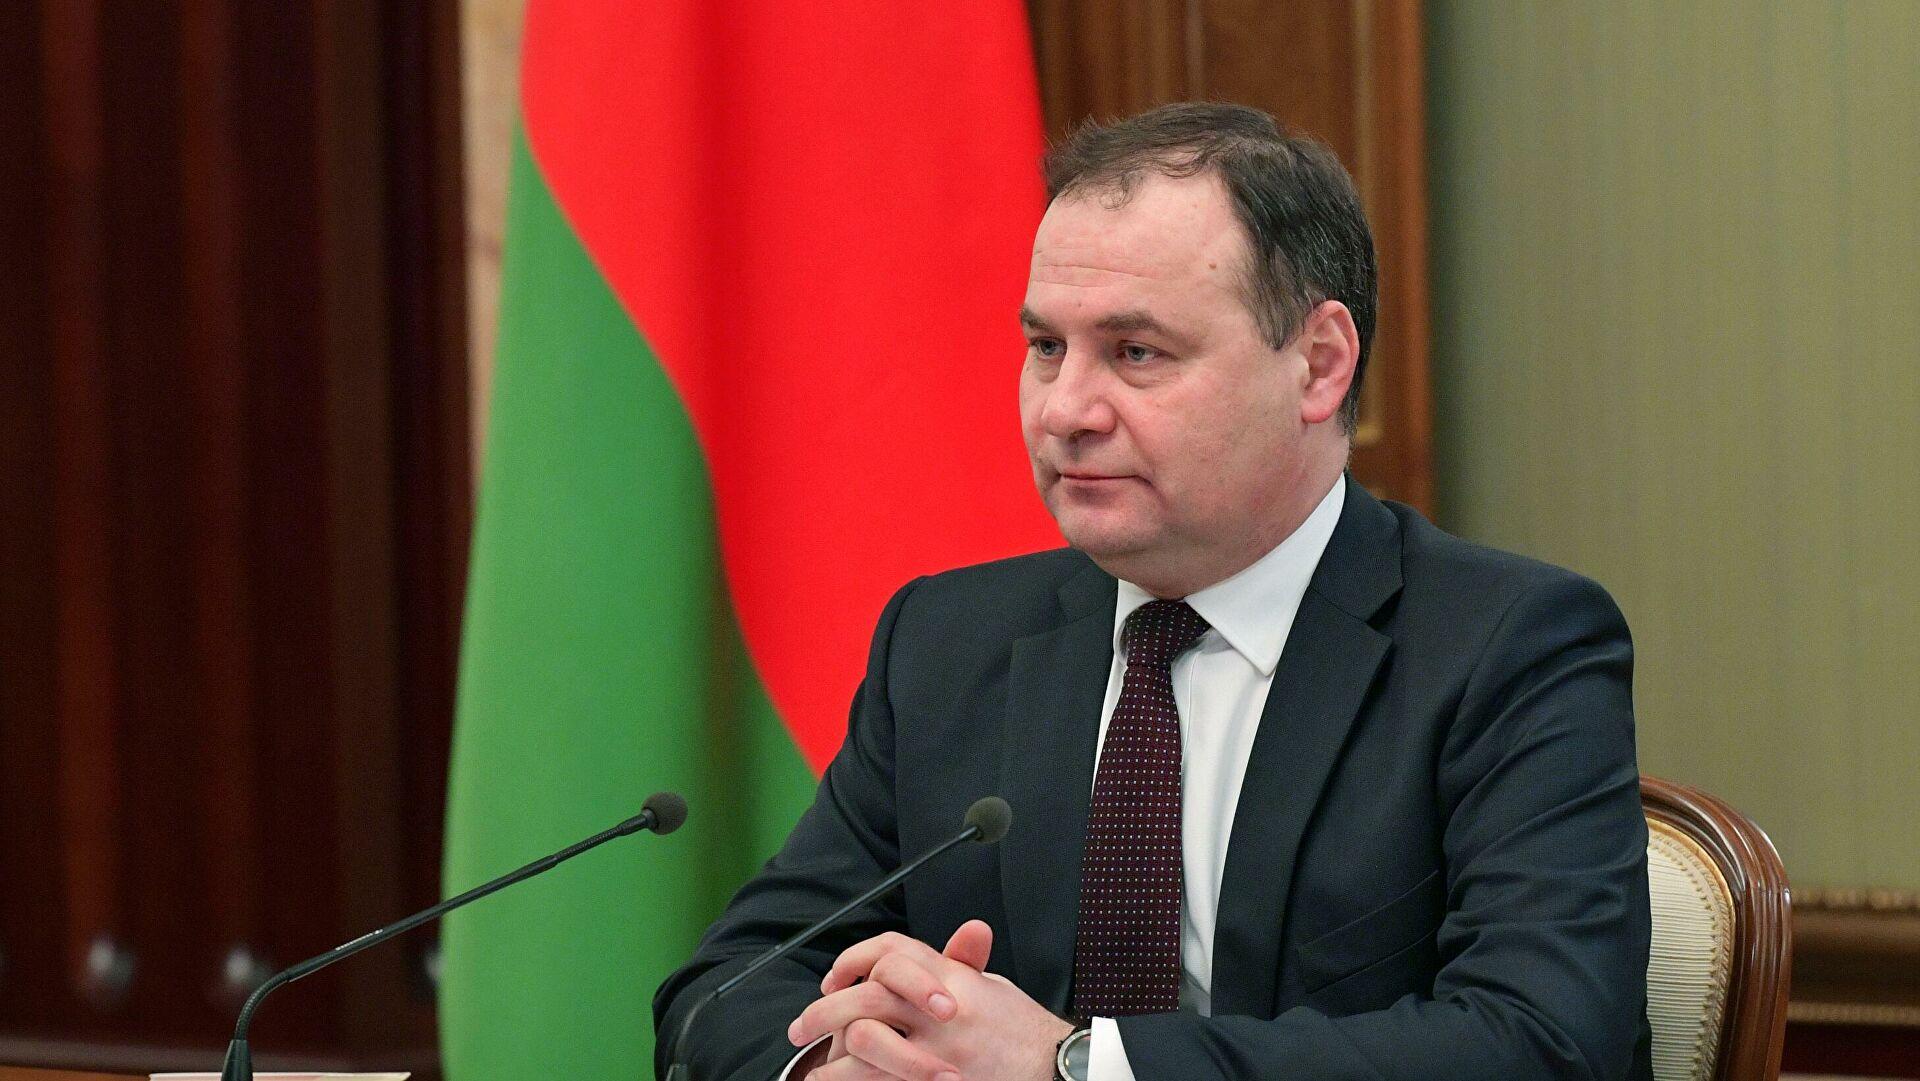 Белорусија: Упозорили смо да санкције неће остати без одговора